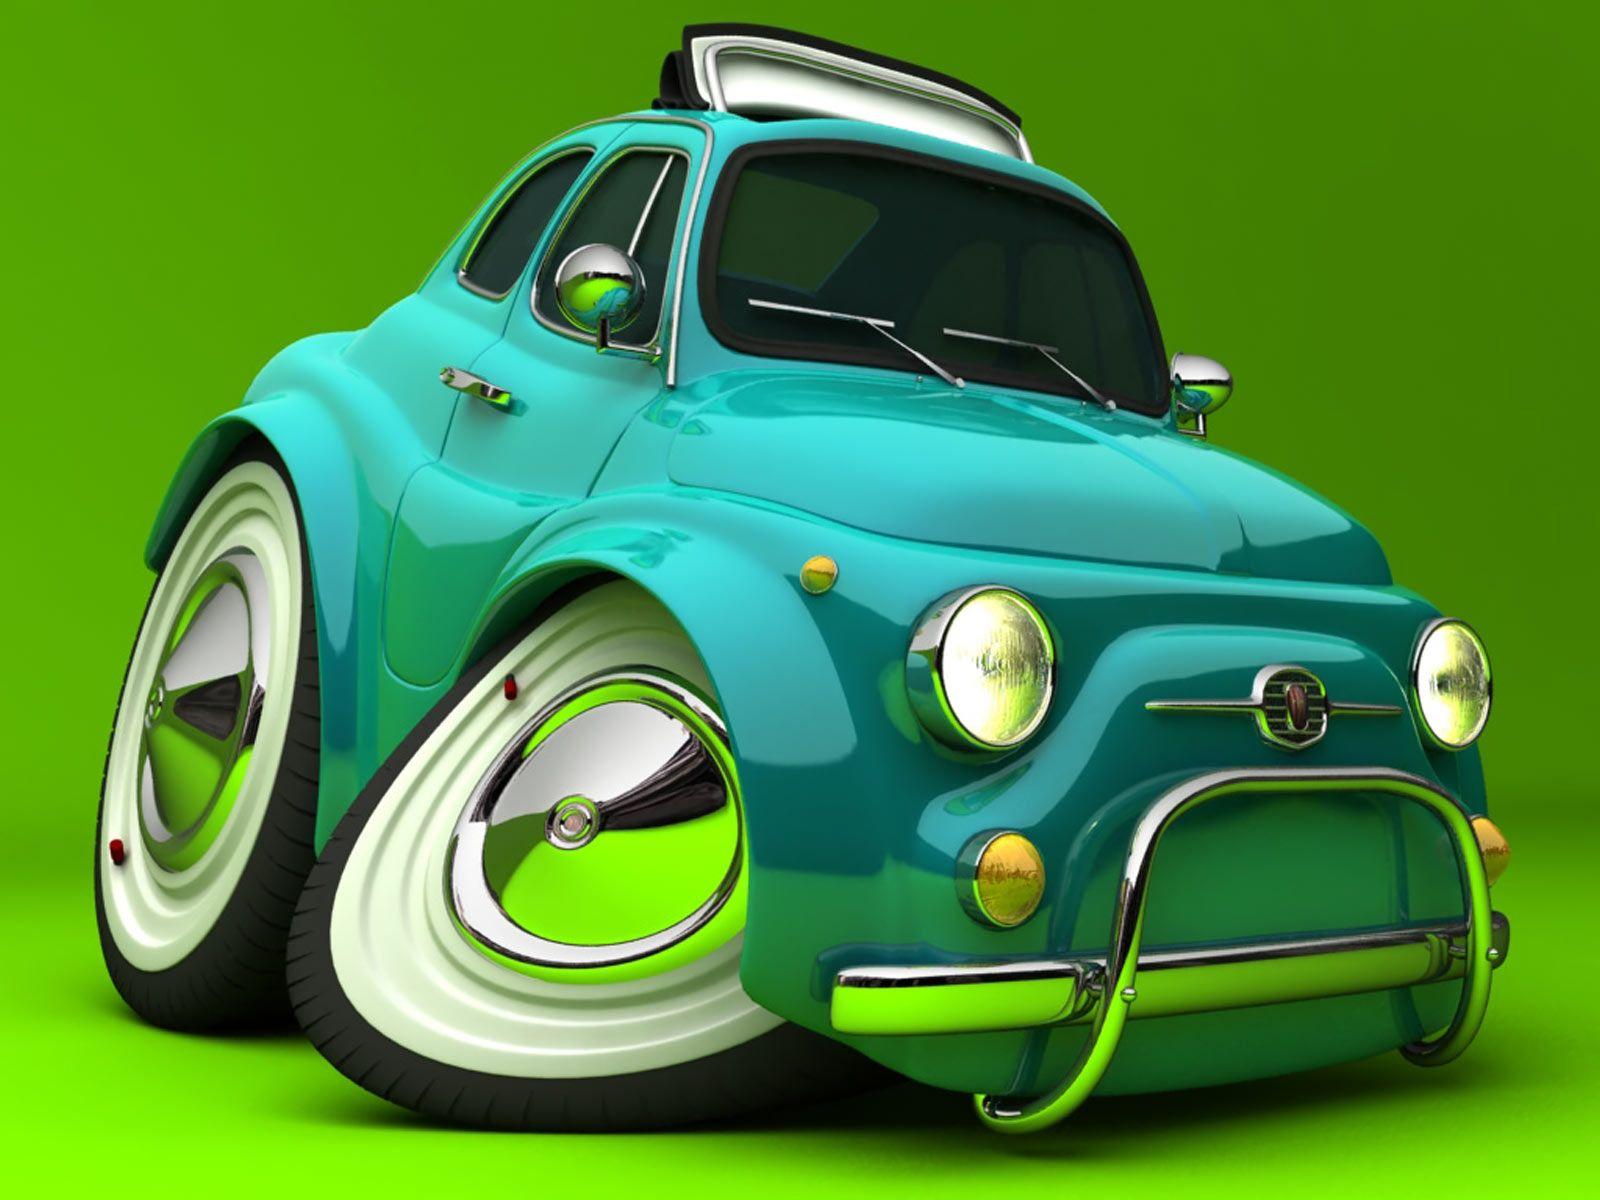 http://3.bp.blogspot.com/_9EVC1Jt2fJM/TR39LmkVaXI/AAAAAAAAALU/eflX5EvnObc/s1600/wallpaper-coche-clasico.jpg